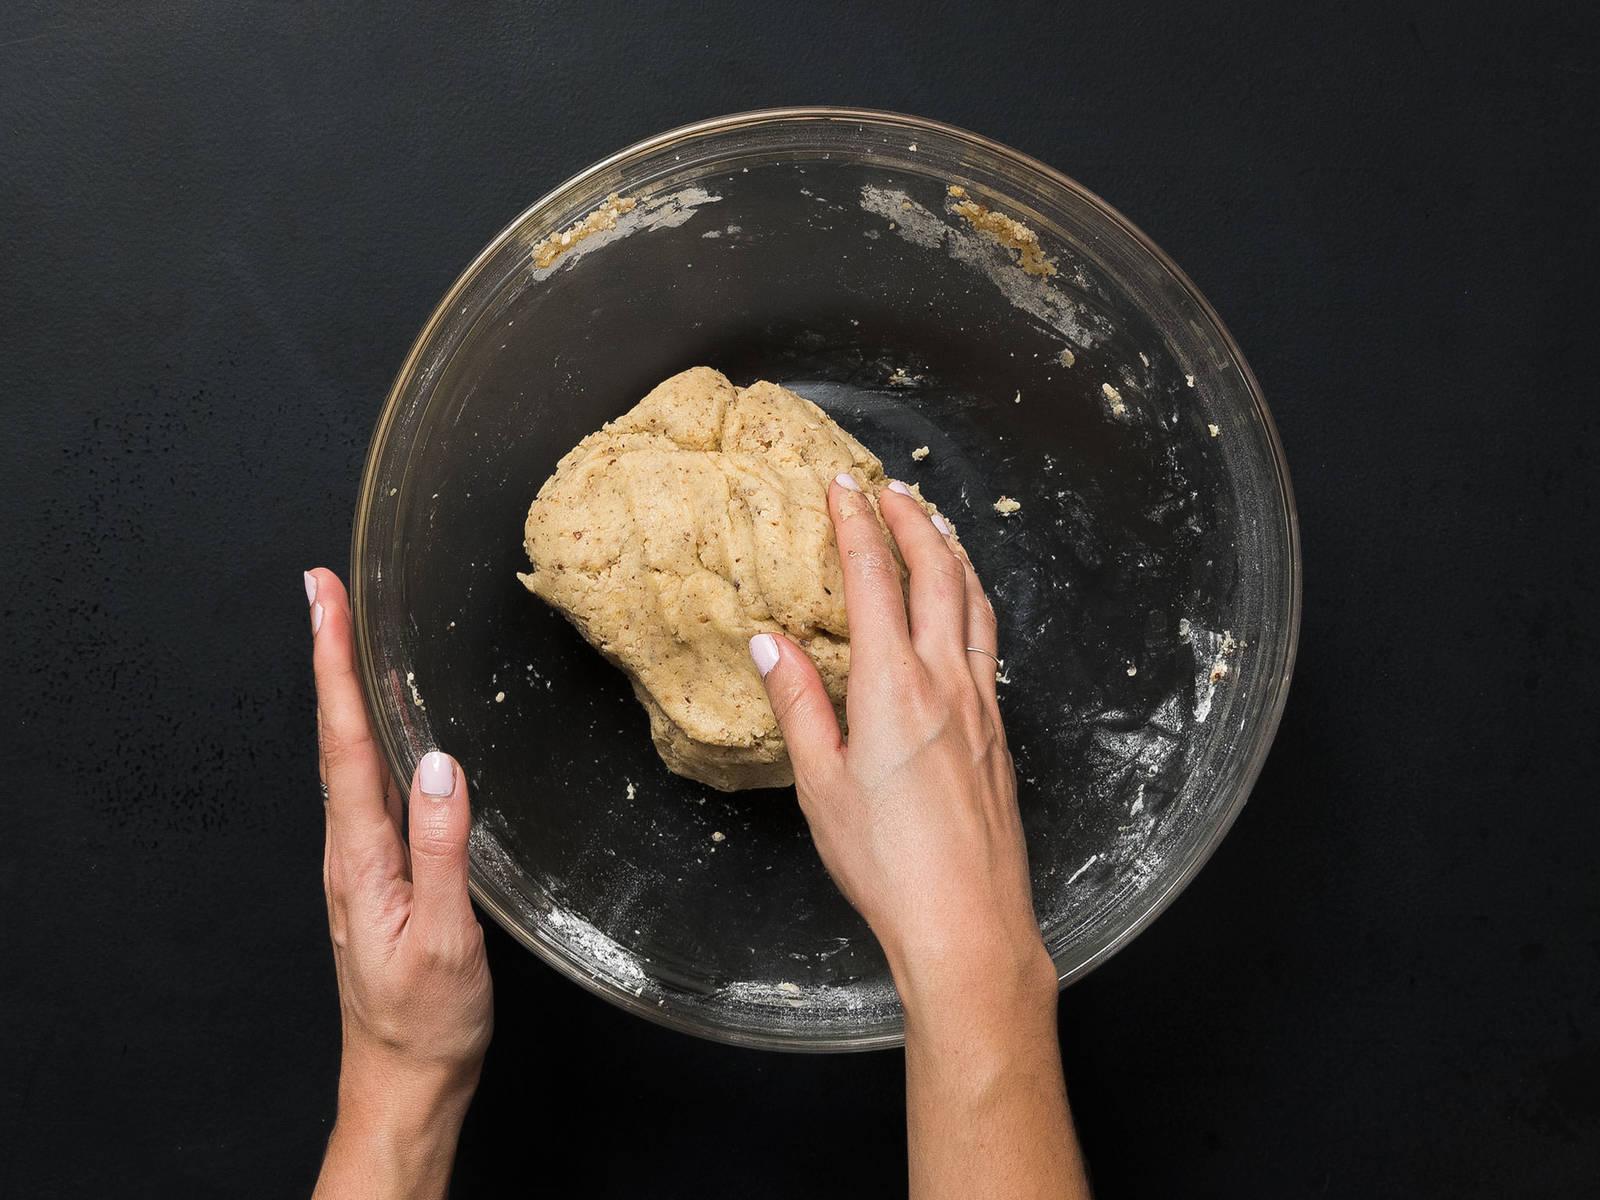 将面粉、糖粉、香草糖、盐和榛子粉放入大搅拌碗中,搅拌2分钟,直至充分混合。将黄油块和鸡蛋放入面粉混合物中,揉5分钟,直至形成柔滑面团。用塑料膜将面团裹起,冷藏60分钟。